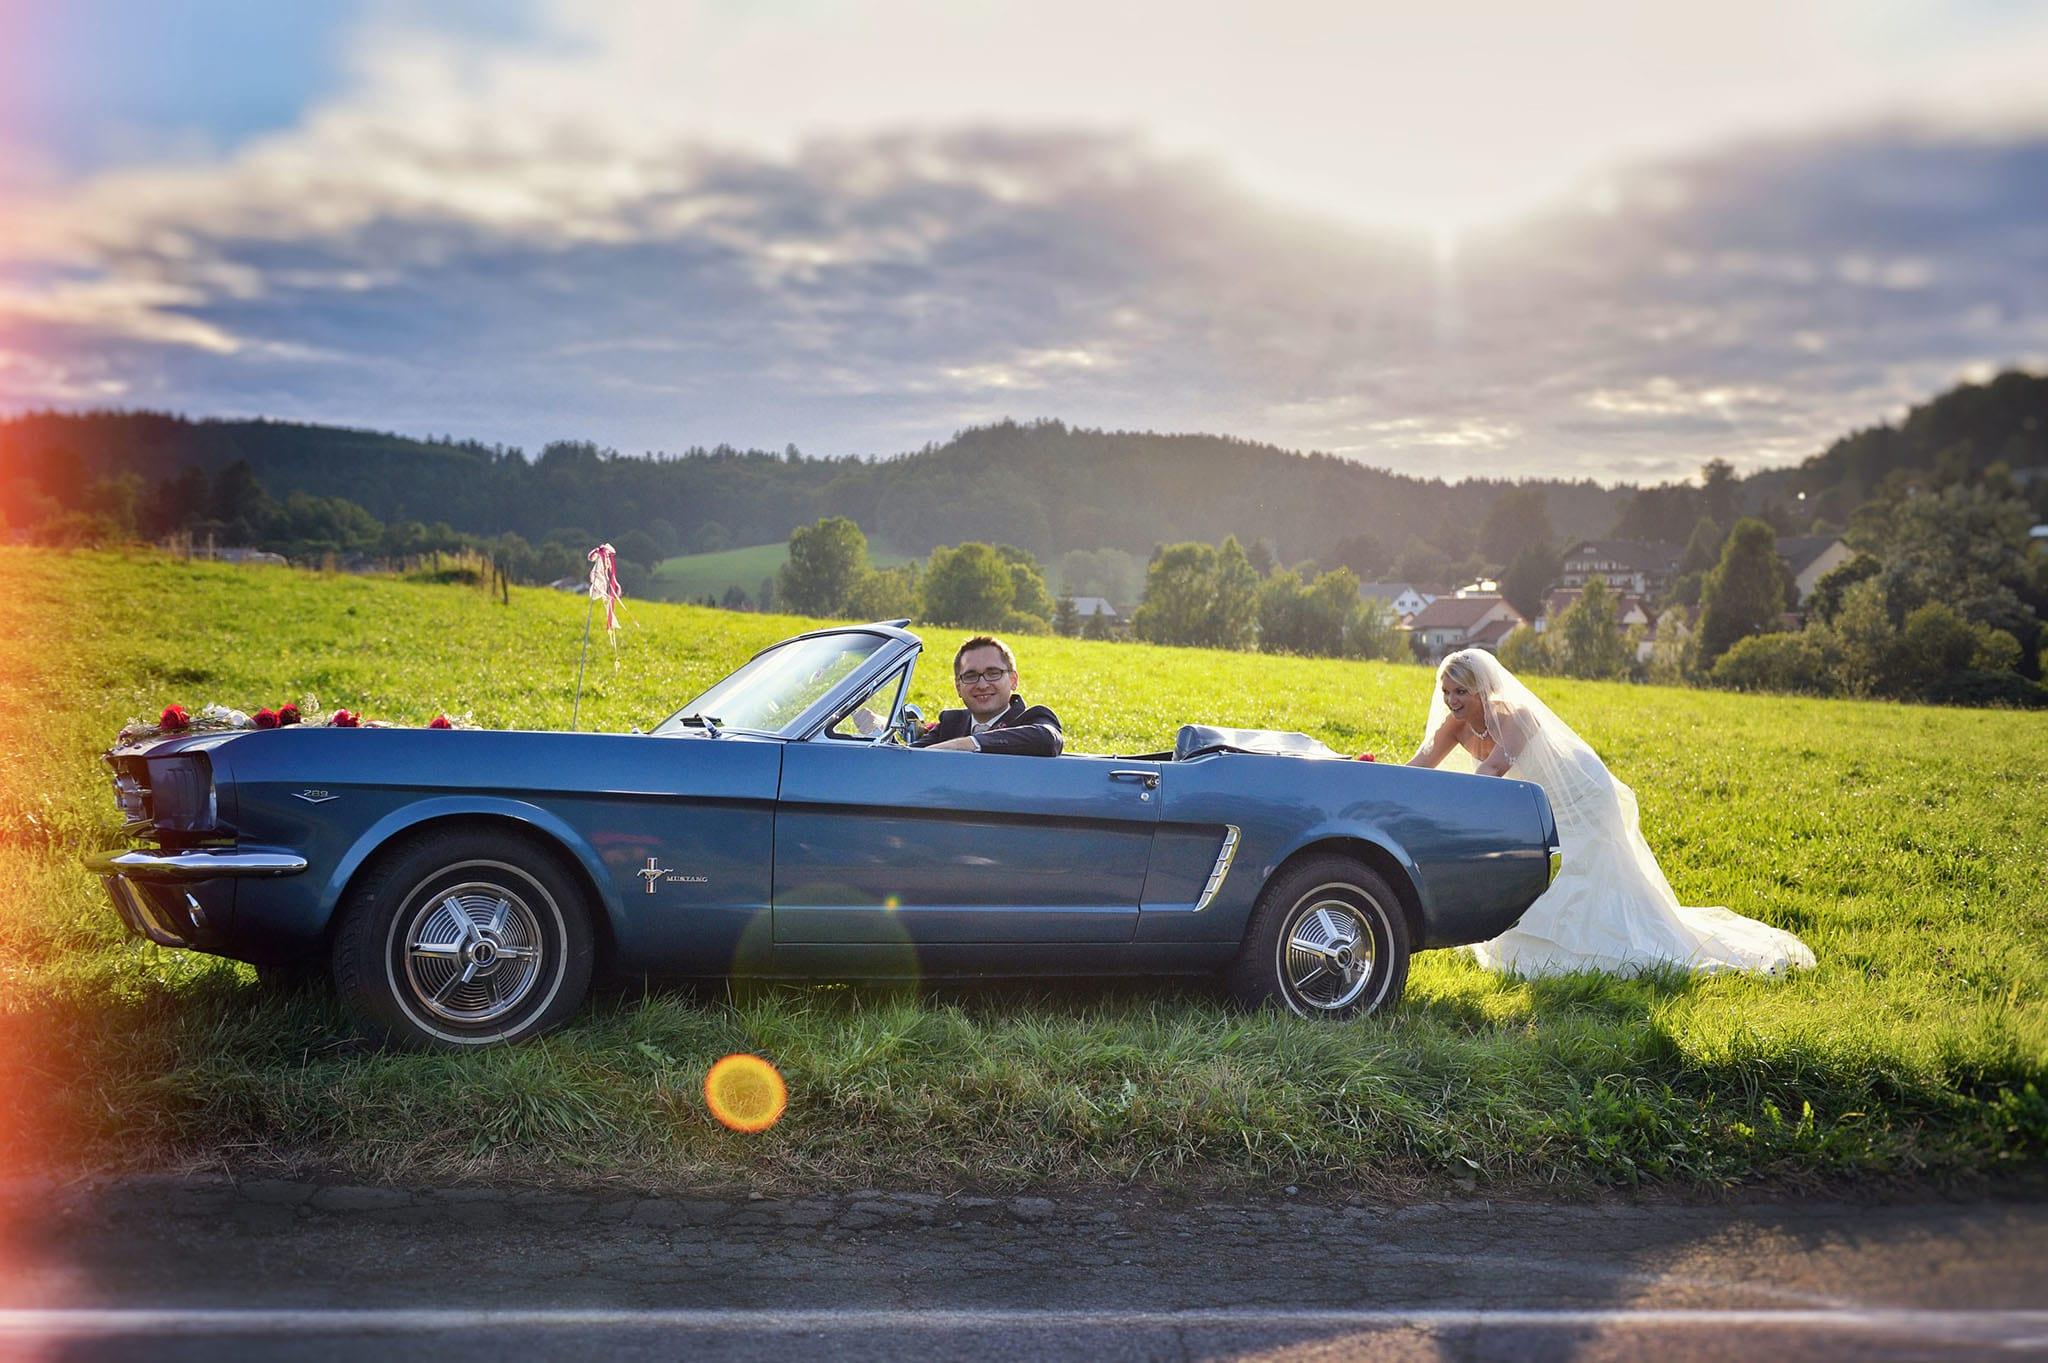 Hochzeit 039 Braut Bräutigam Hochzeit heiraten Hochzeitsauto Ford Mustang Paarshooting Hochzeitsfotografie Daniel Fuss Fotografie